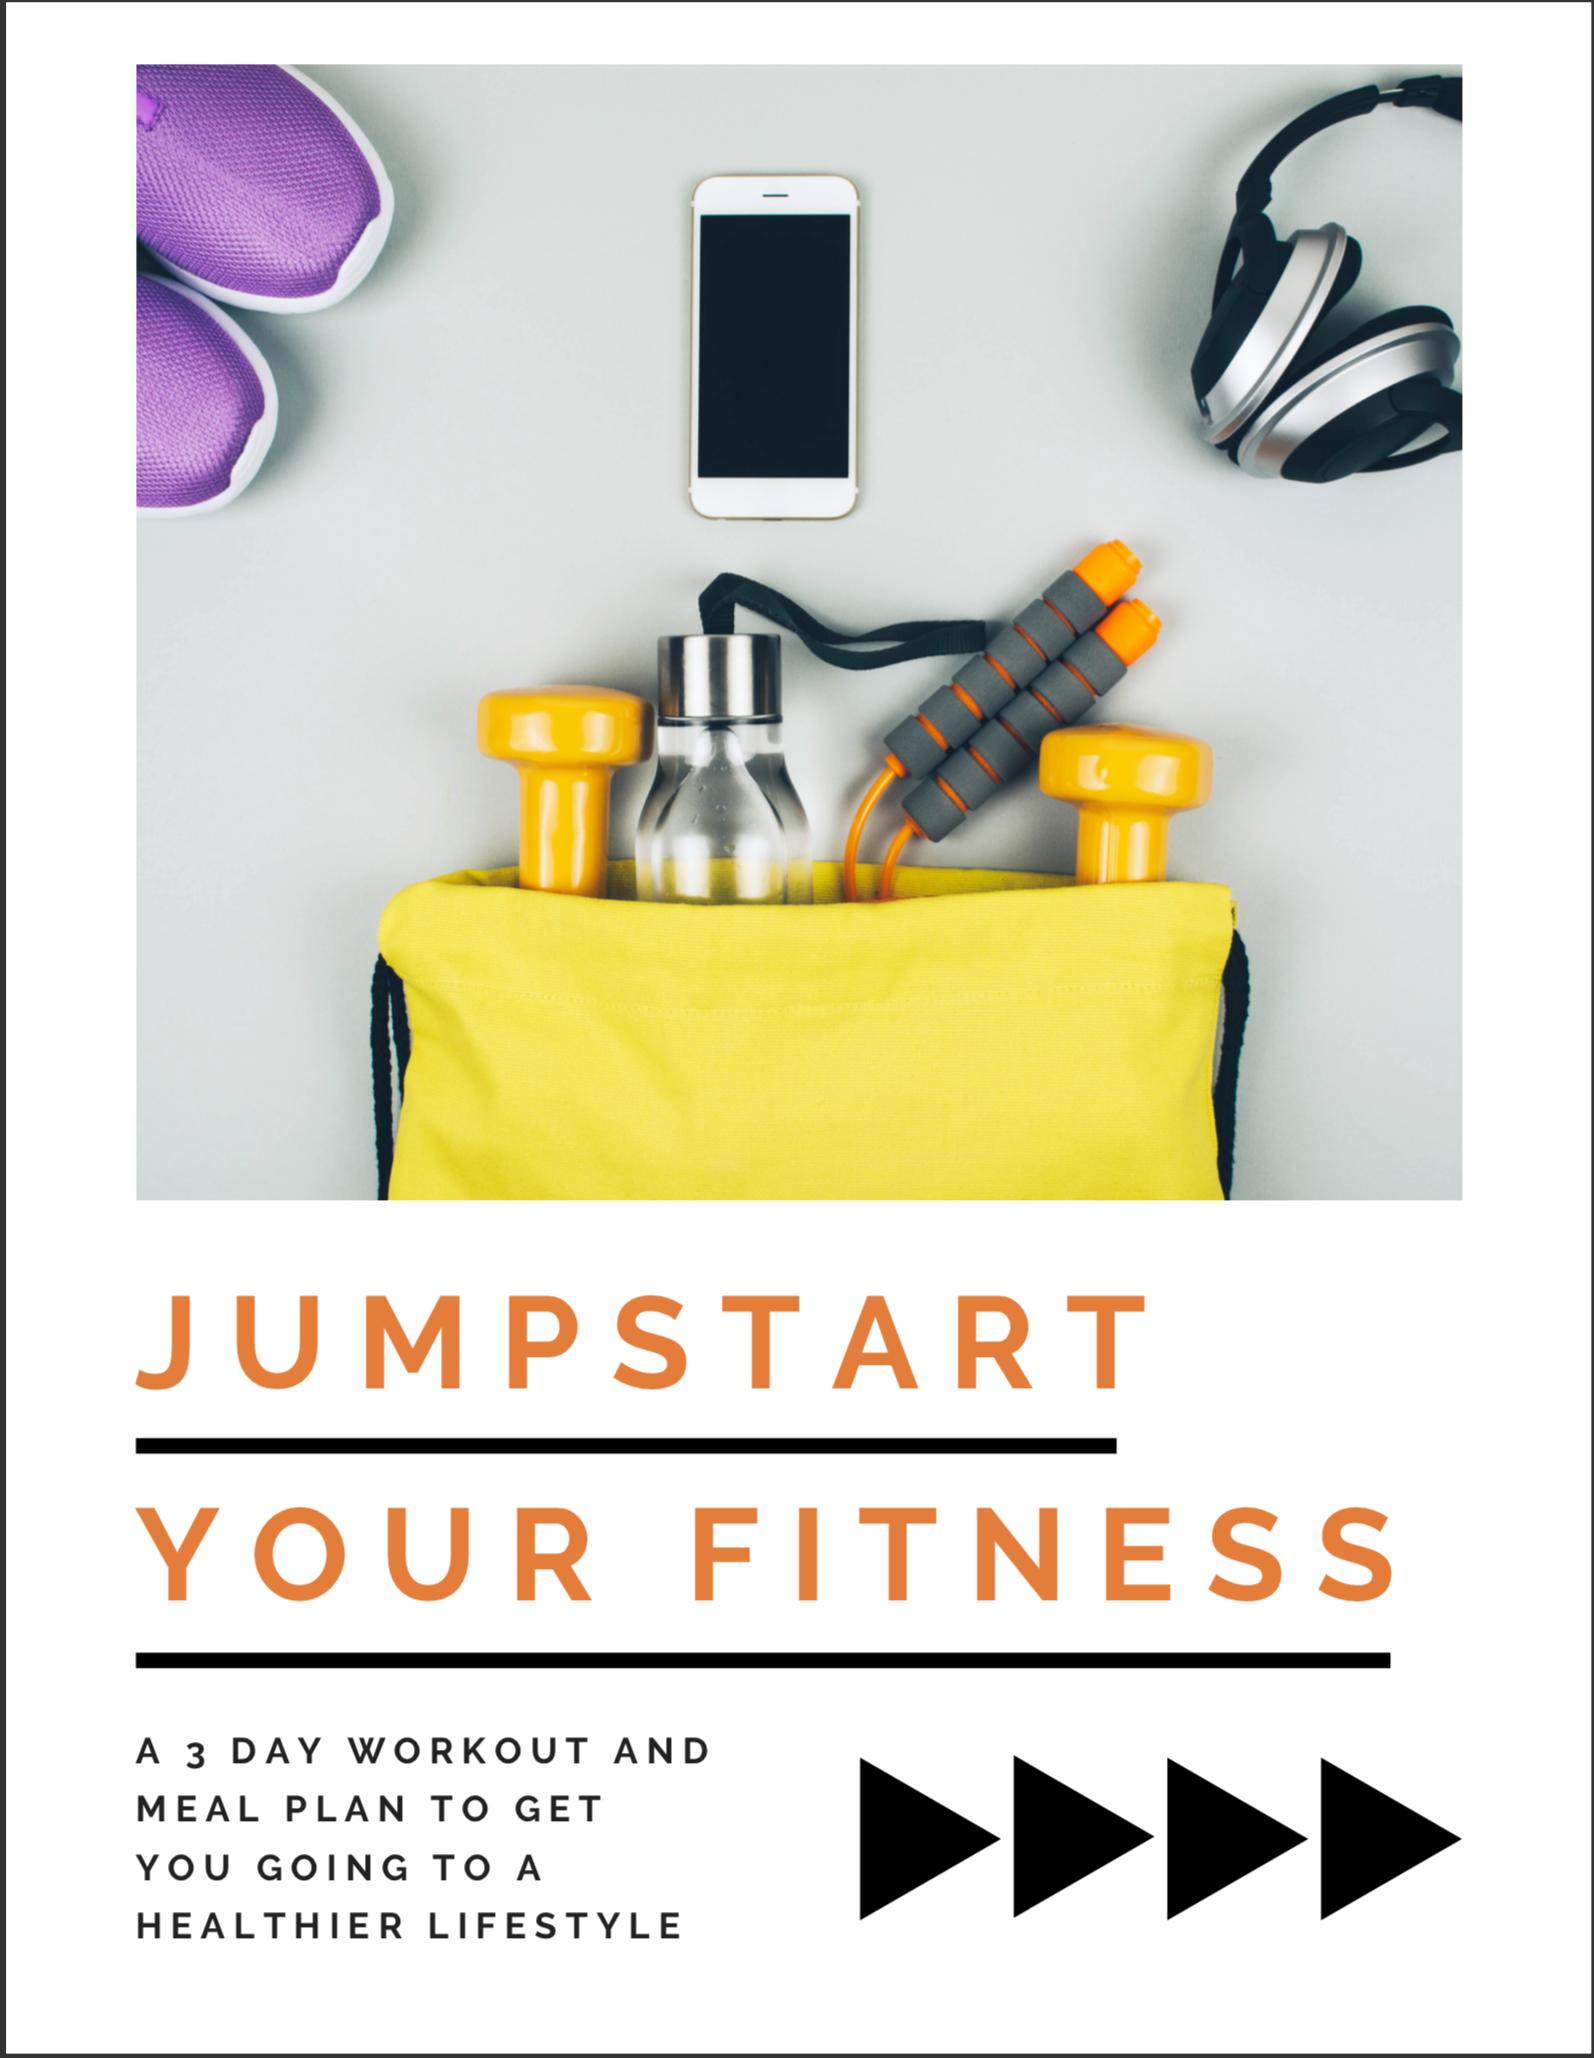 Jumpstart Your Fitness